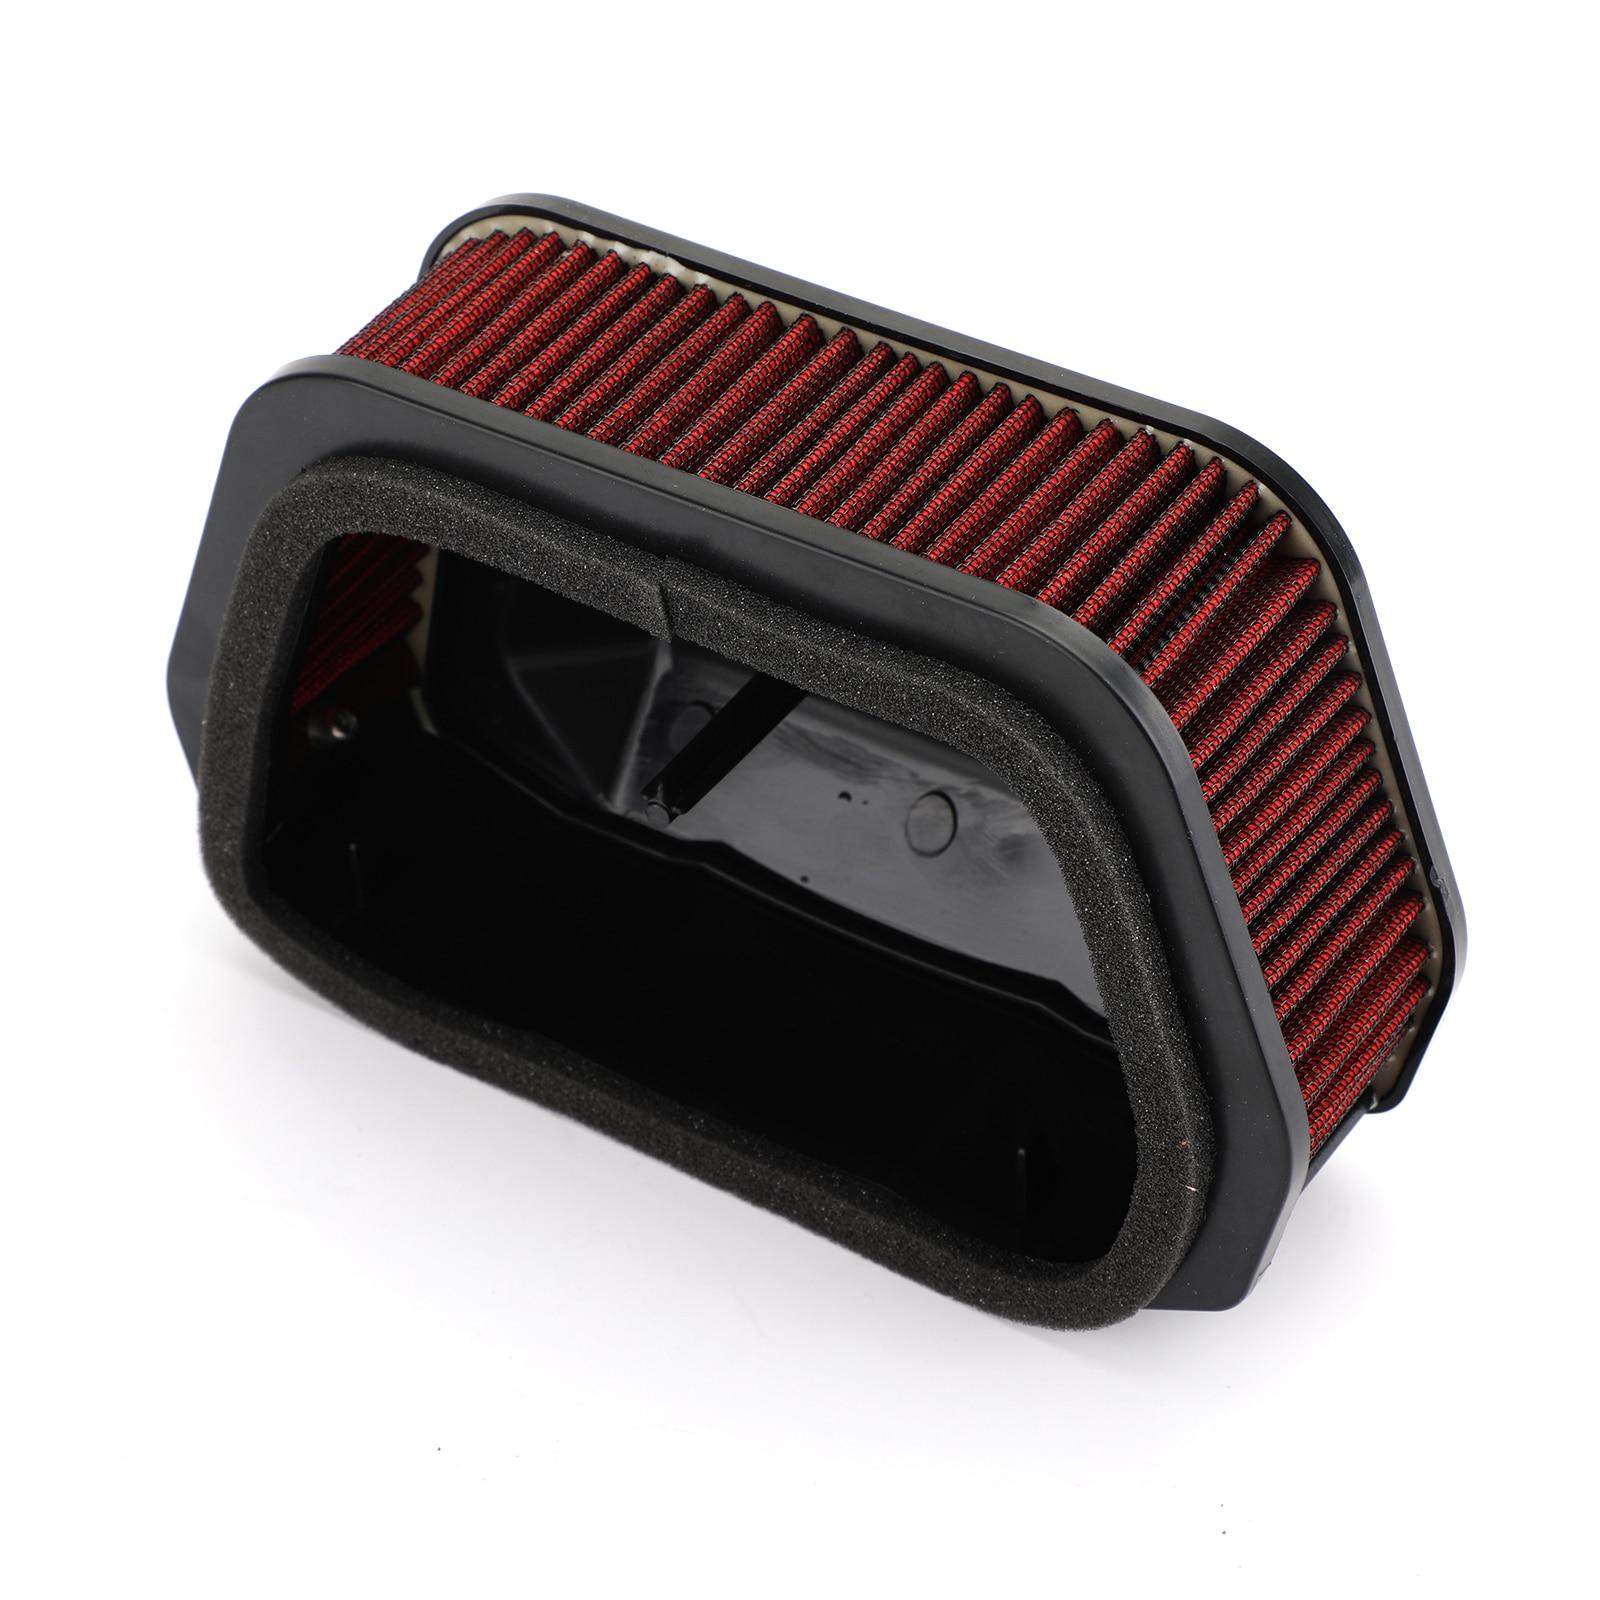 xvs1300a xvs1300cu 3d8 14451 00 motocicleta filtro de ar mais limpo 05